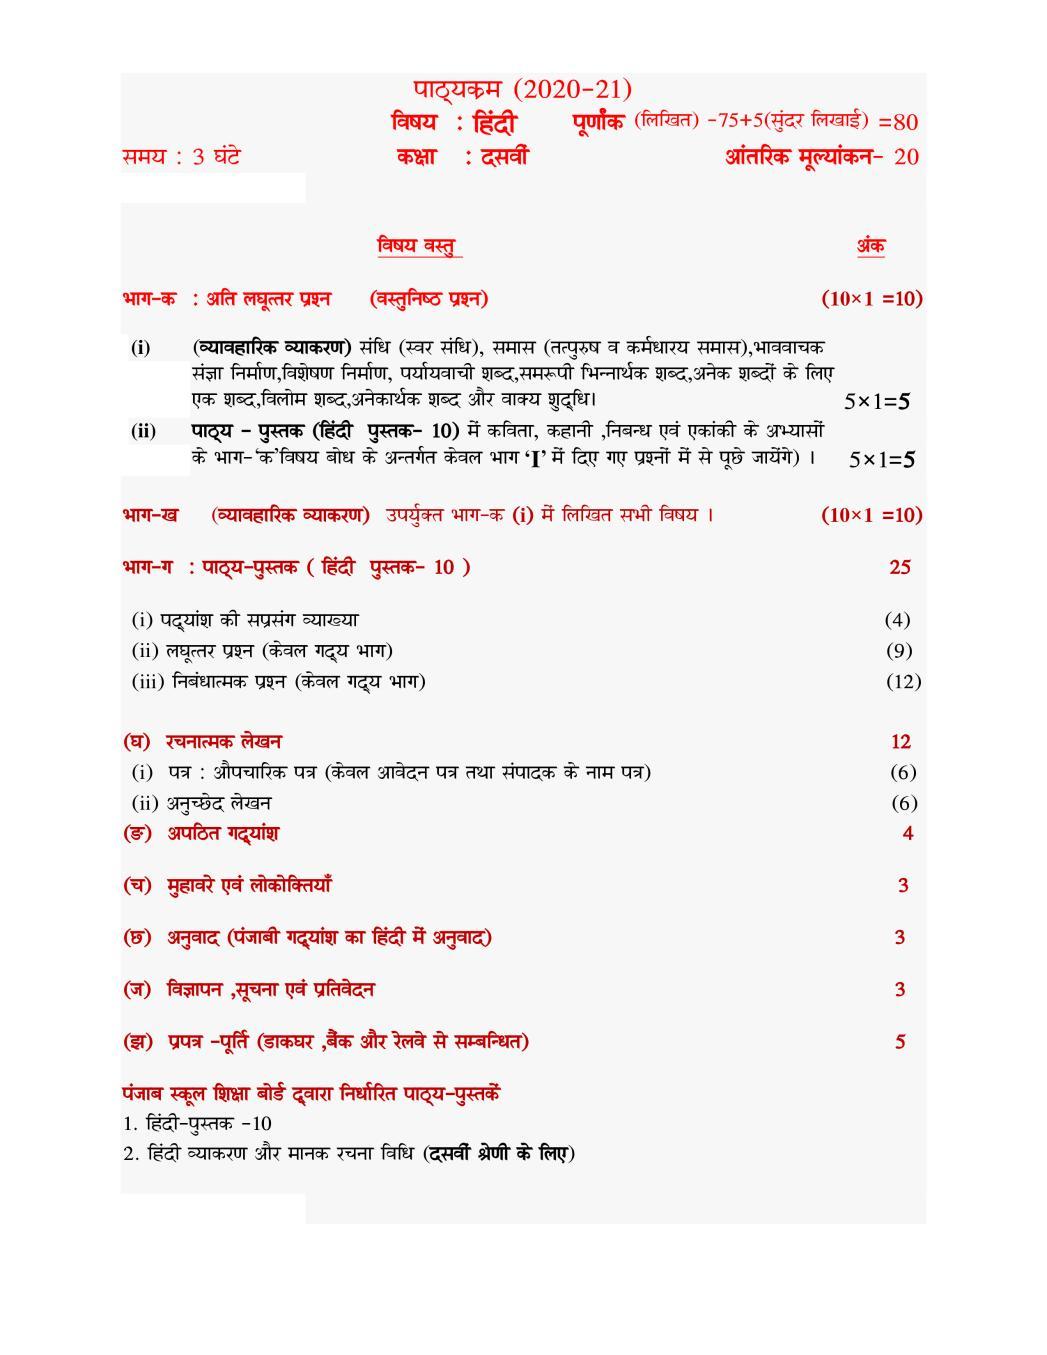 PSEB Syllabus 2020-21 for Class 10 Hindi - Page 1